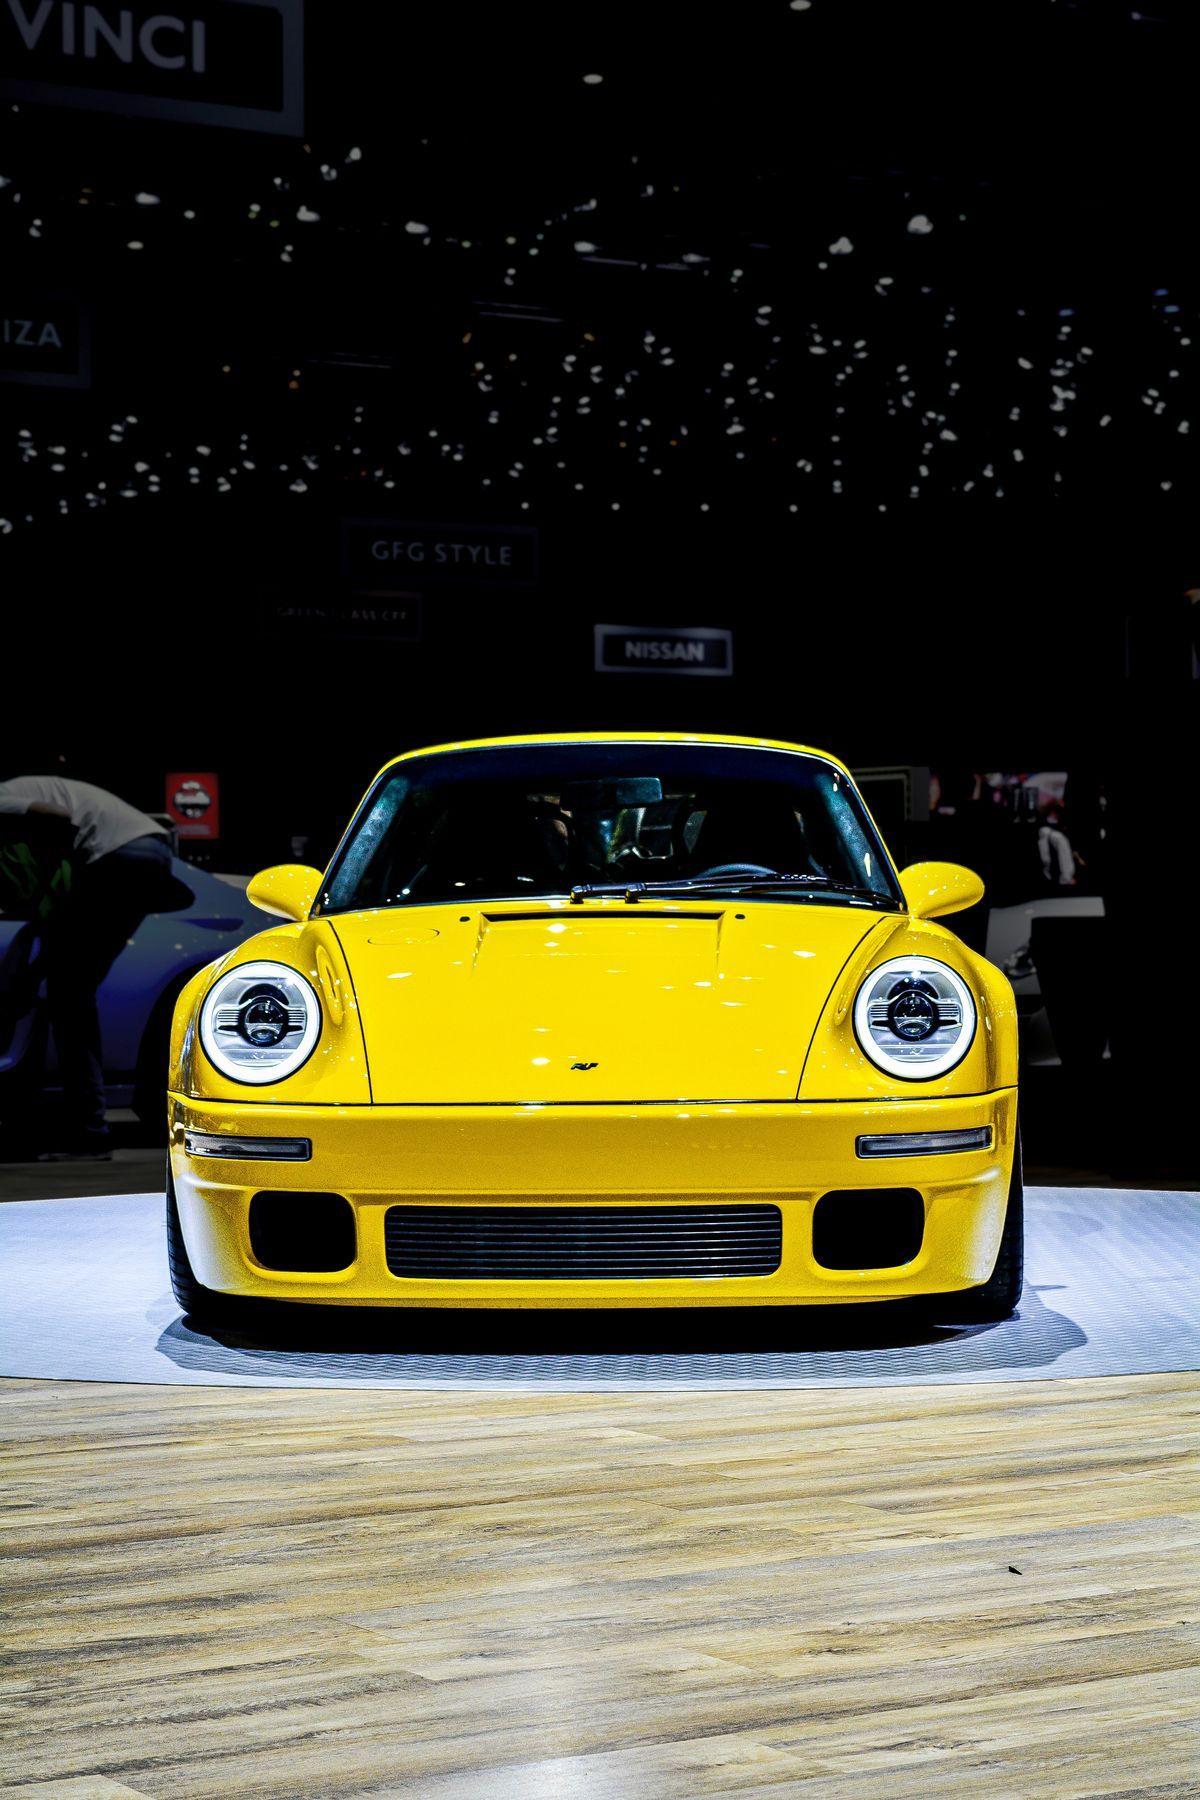 Der Genfer Automobilsalon findet vom 19. bis 27. Februar 2022 statt